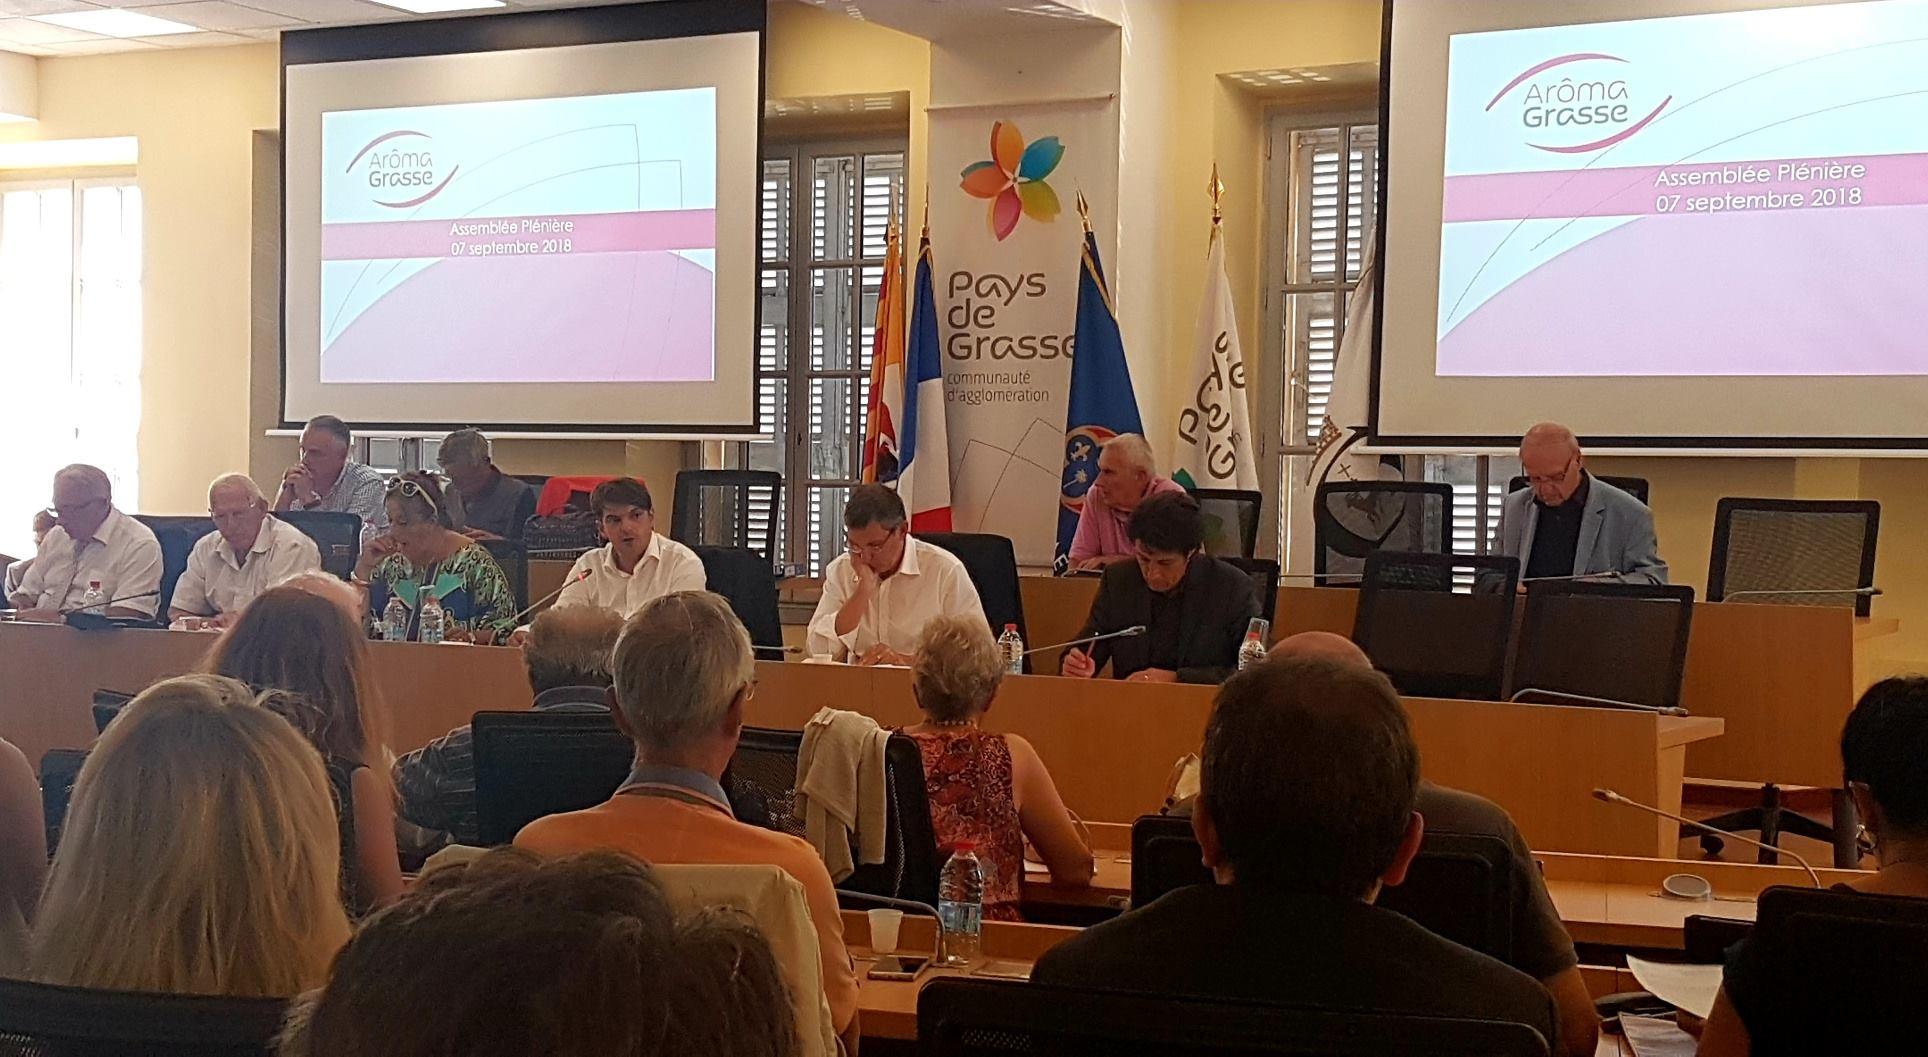 Bilan avec les élus communautaires de l'opération Aroma Grasse 02